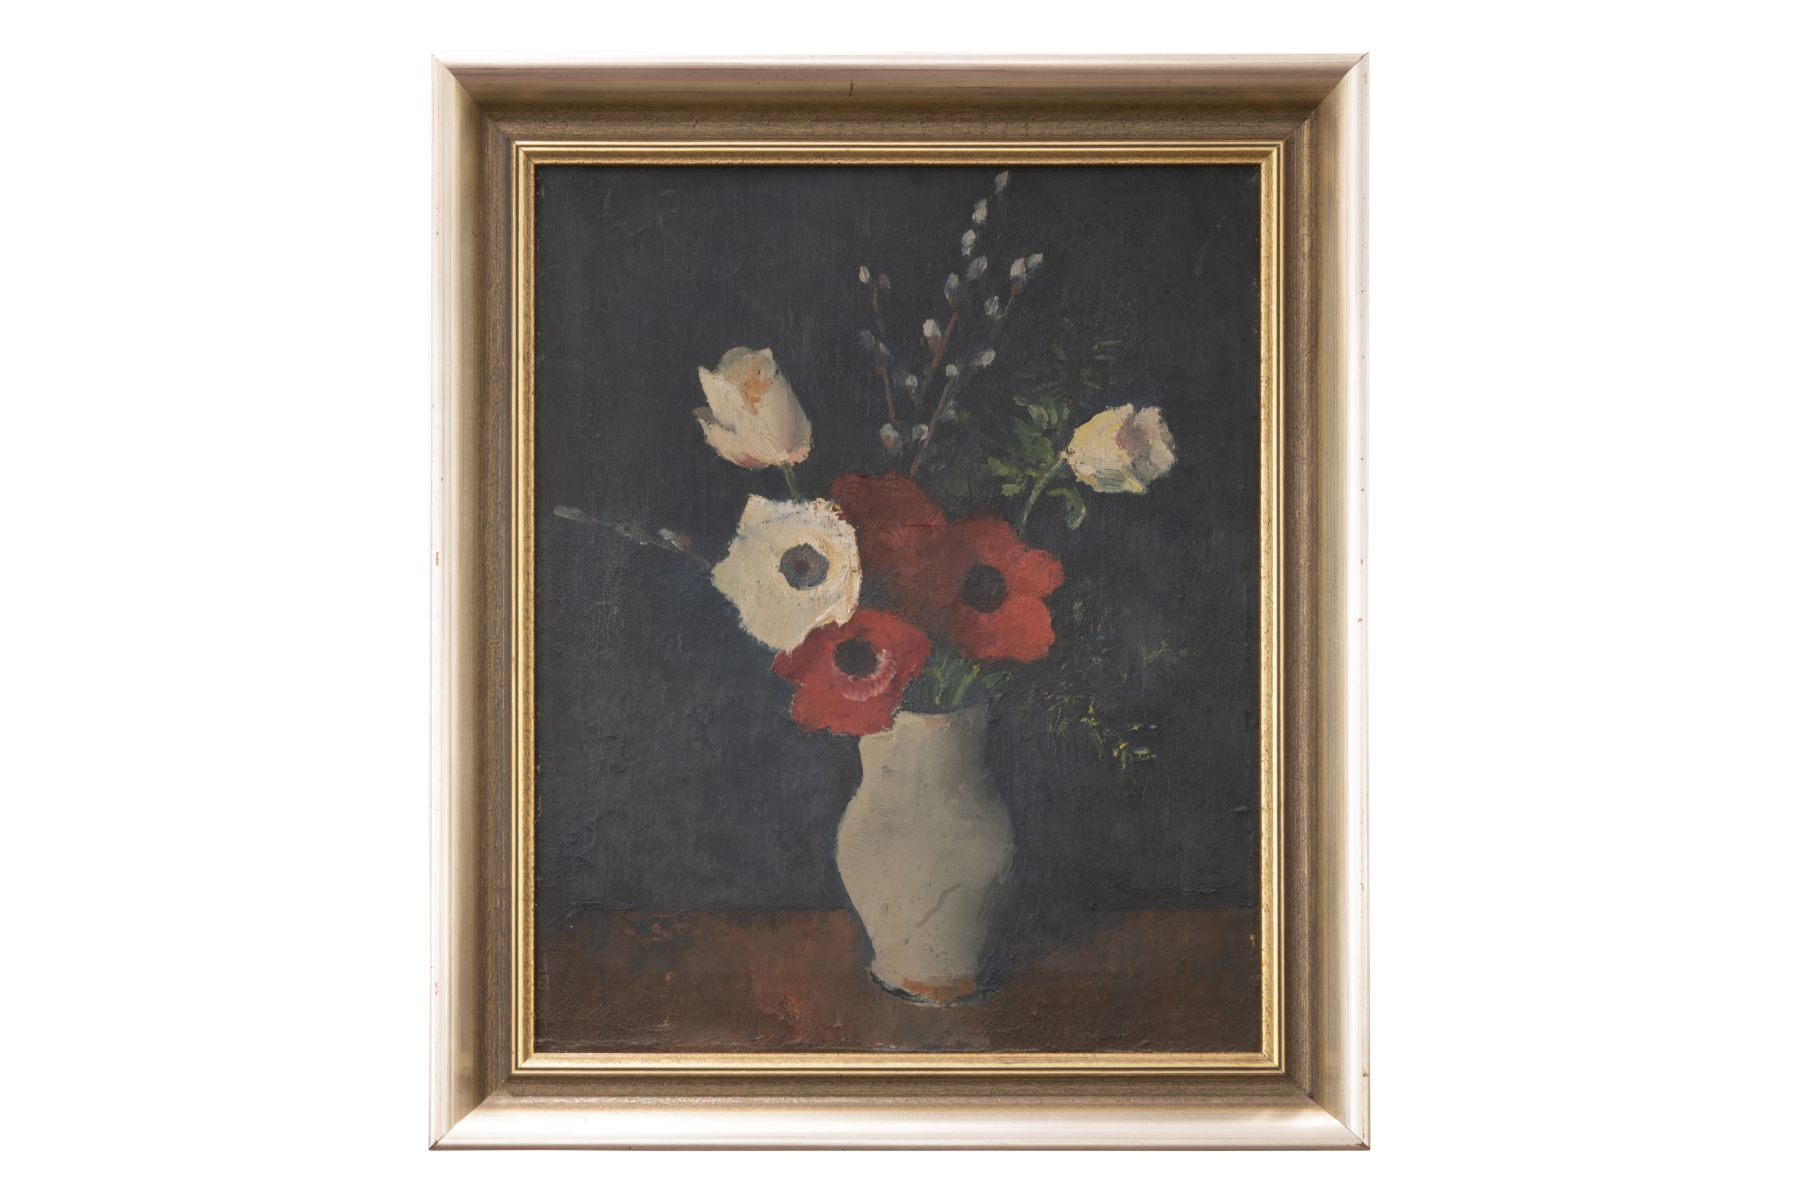 #172 Bouquet of flowers in vase | Blumenstrauß in Vase Image